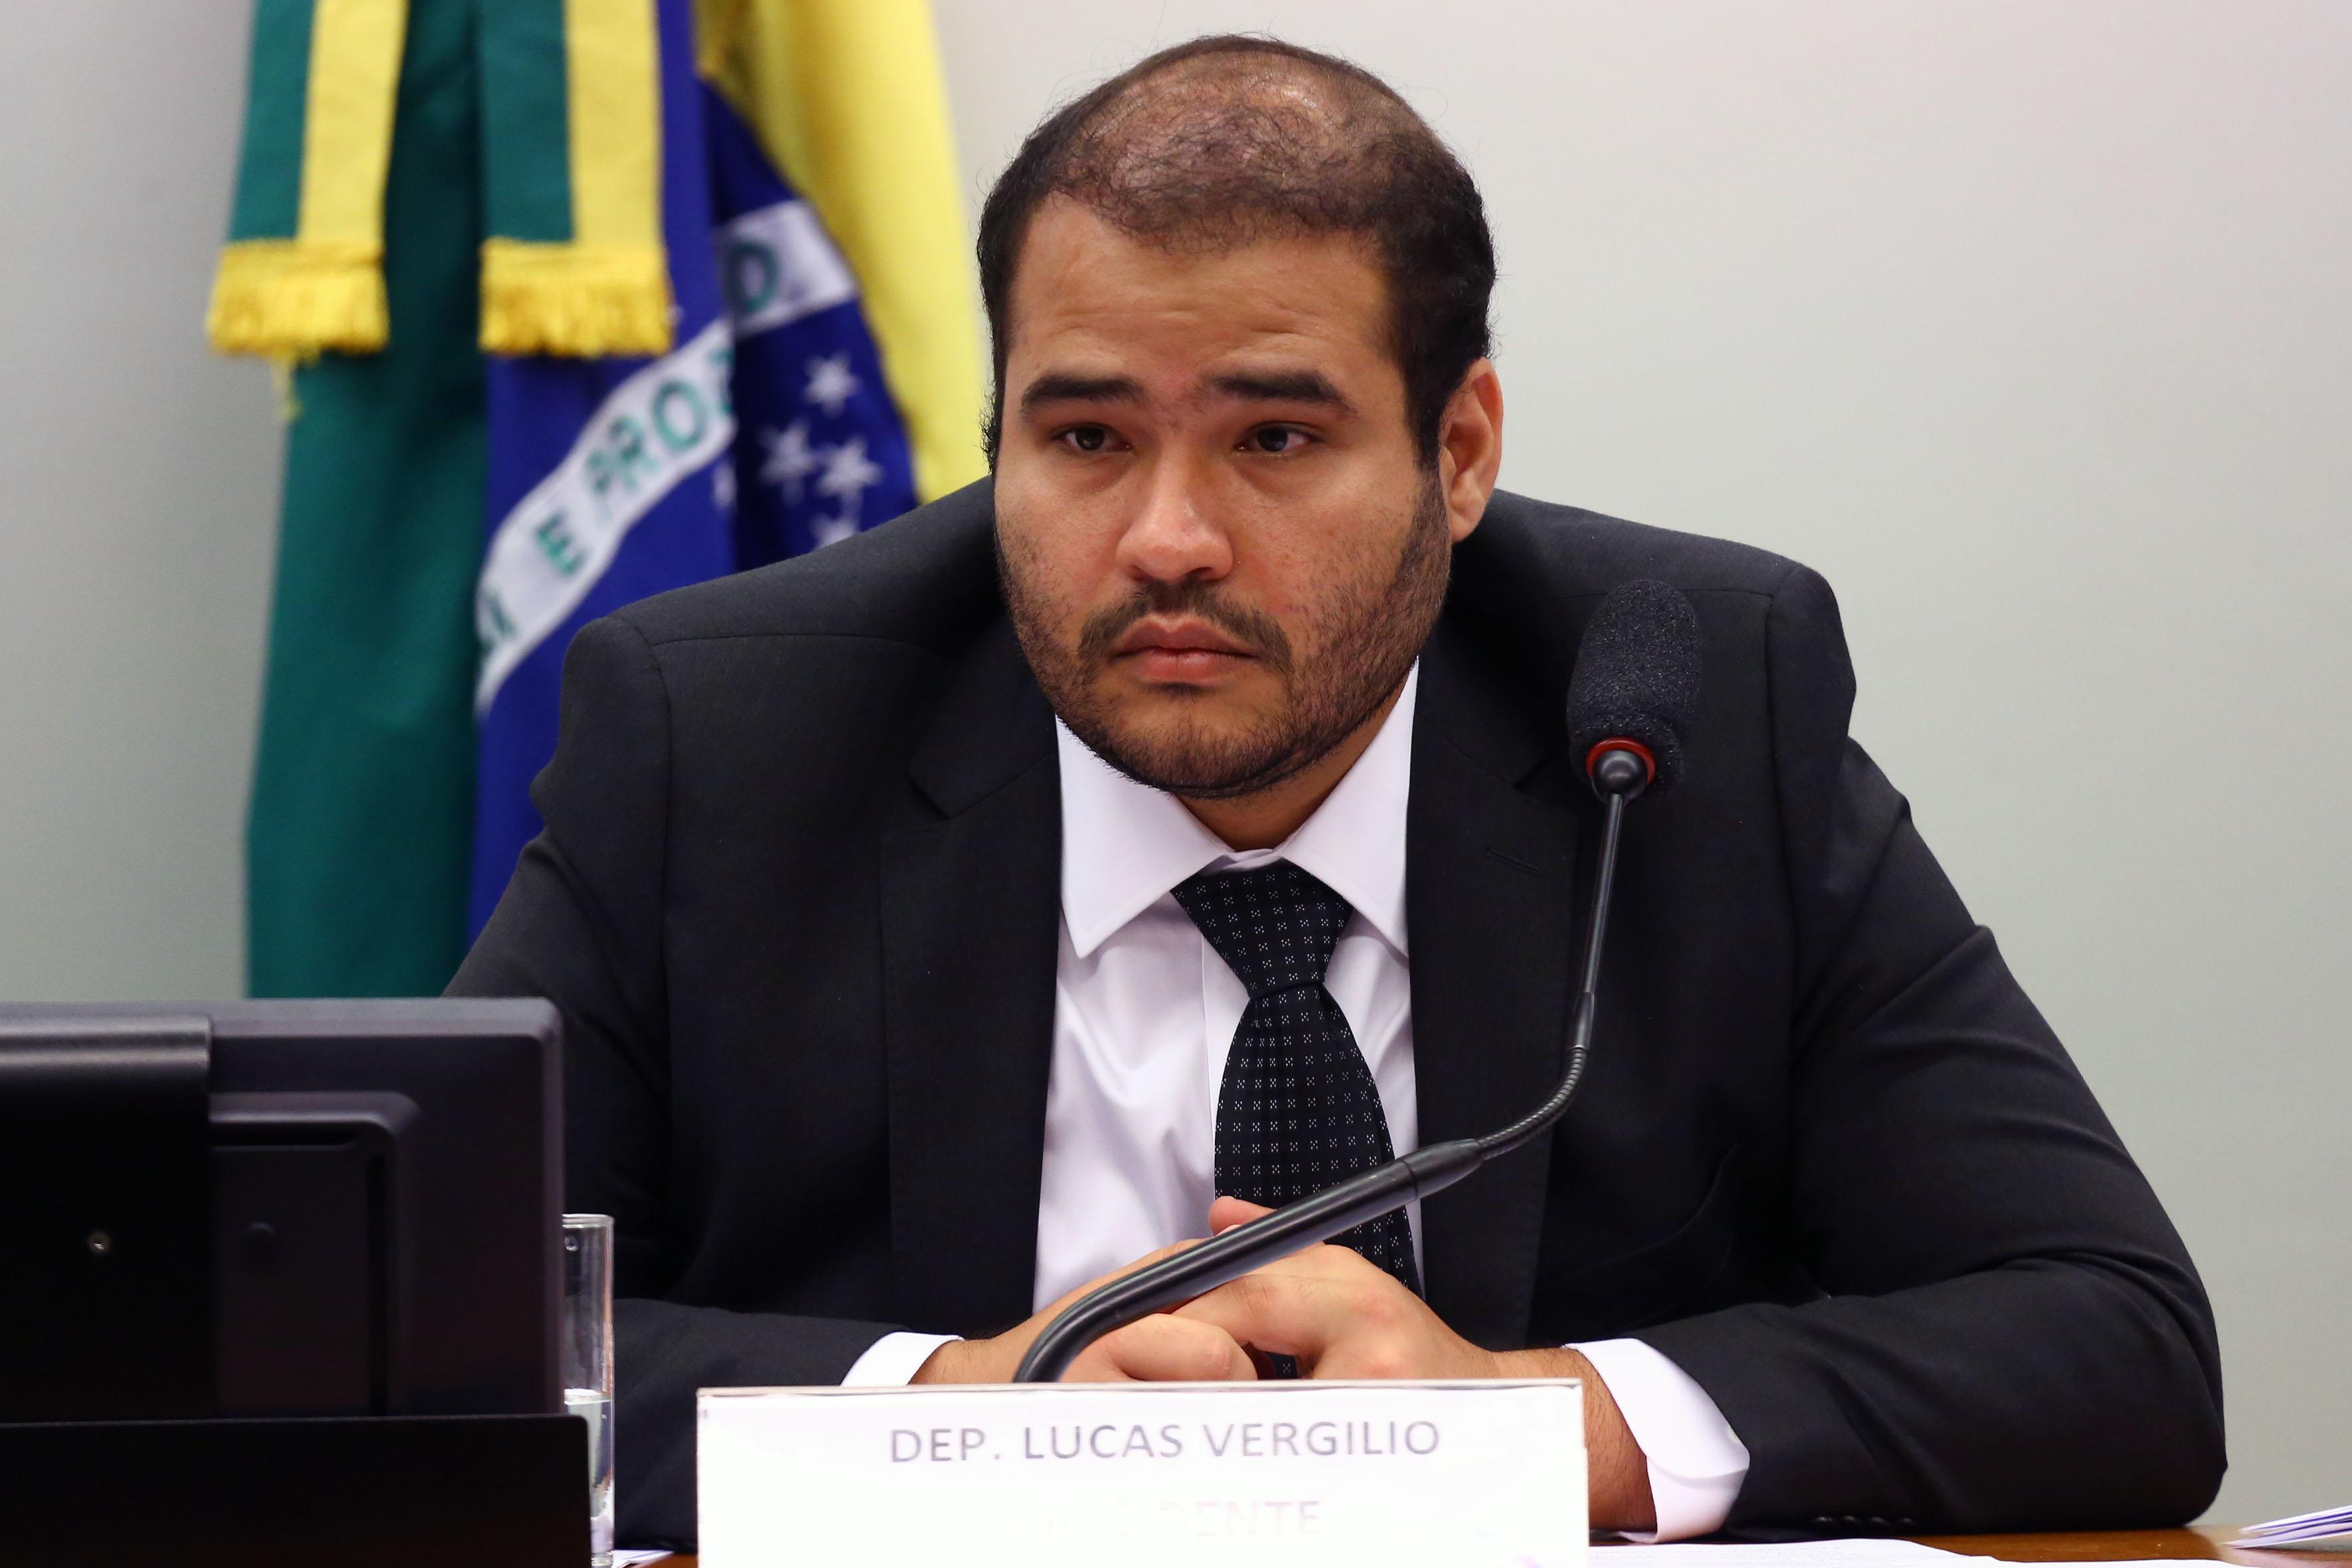 Reunião Ordinária. Dep. Lucas Vergilio (SD - GO)